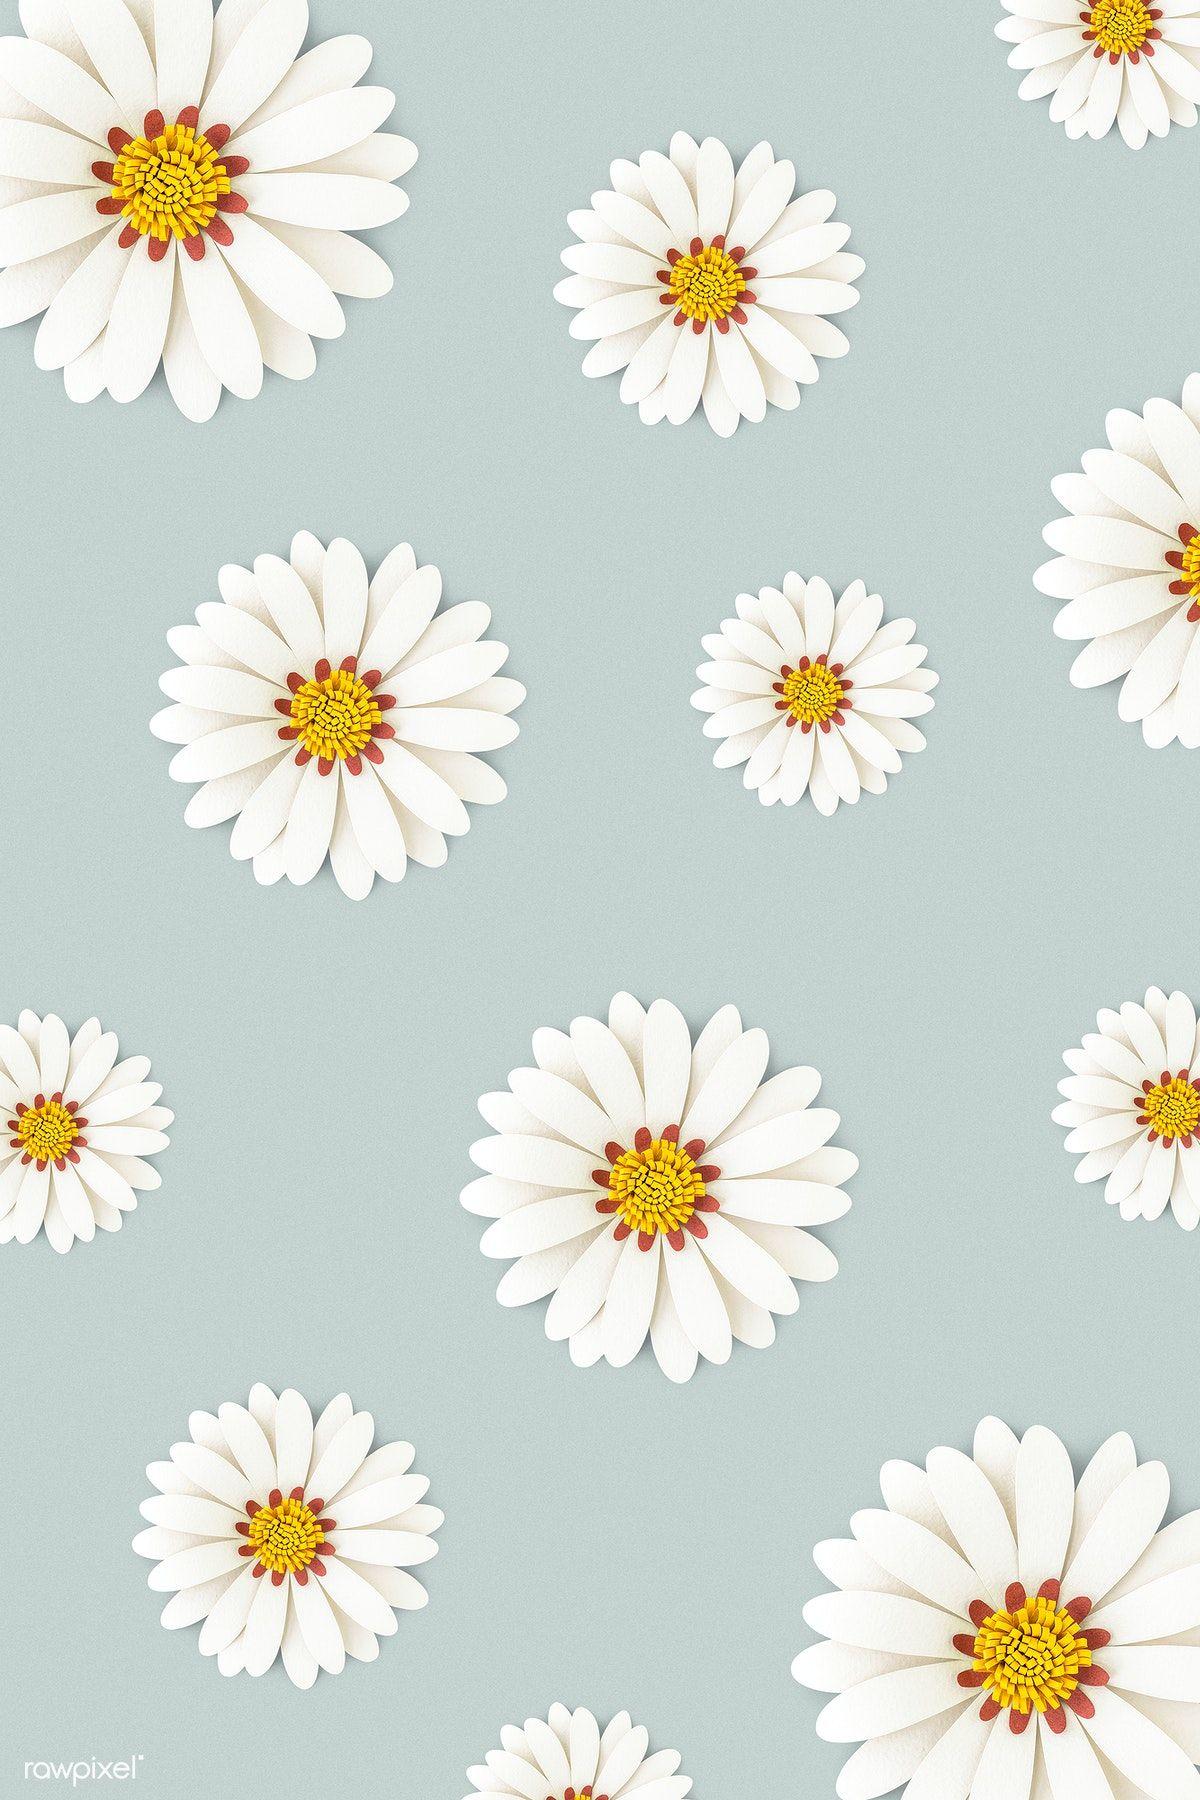 Botanical illustration, aesthetic pastel … Download premium psd of White daisy flower on light blue ...